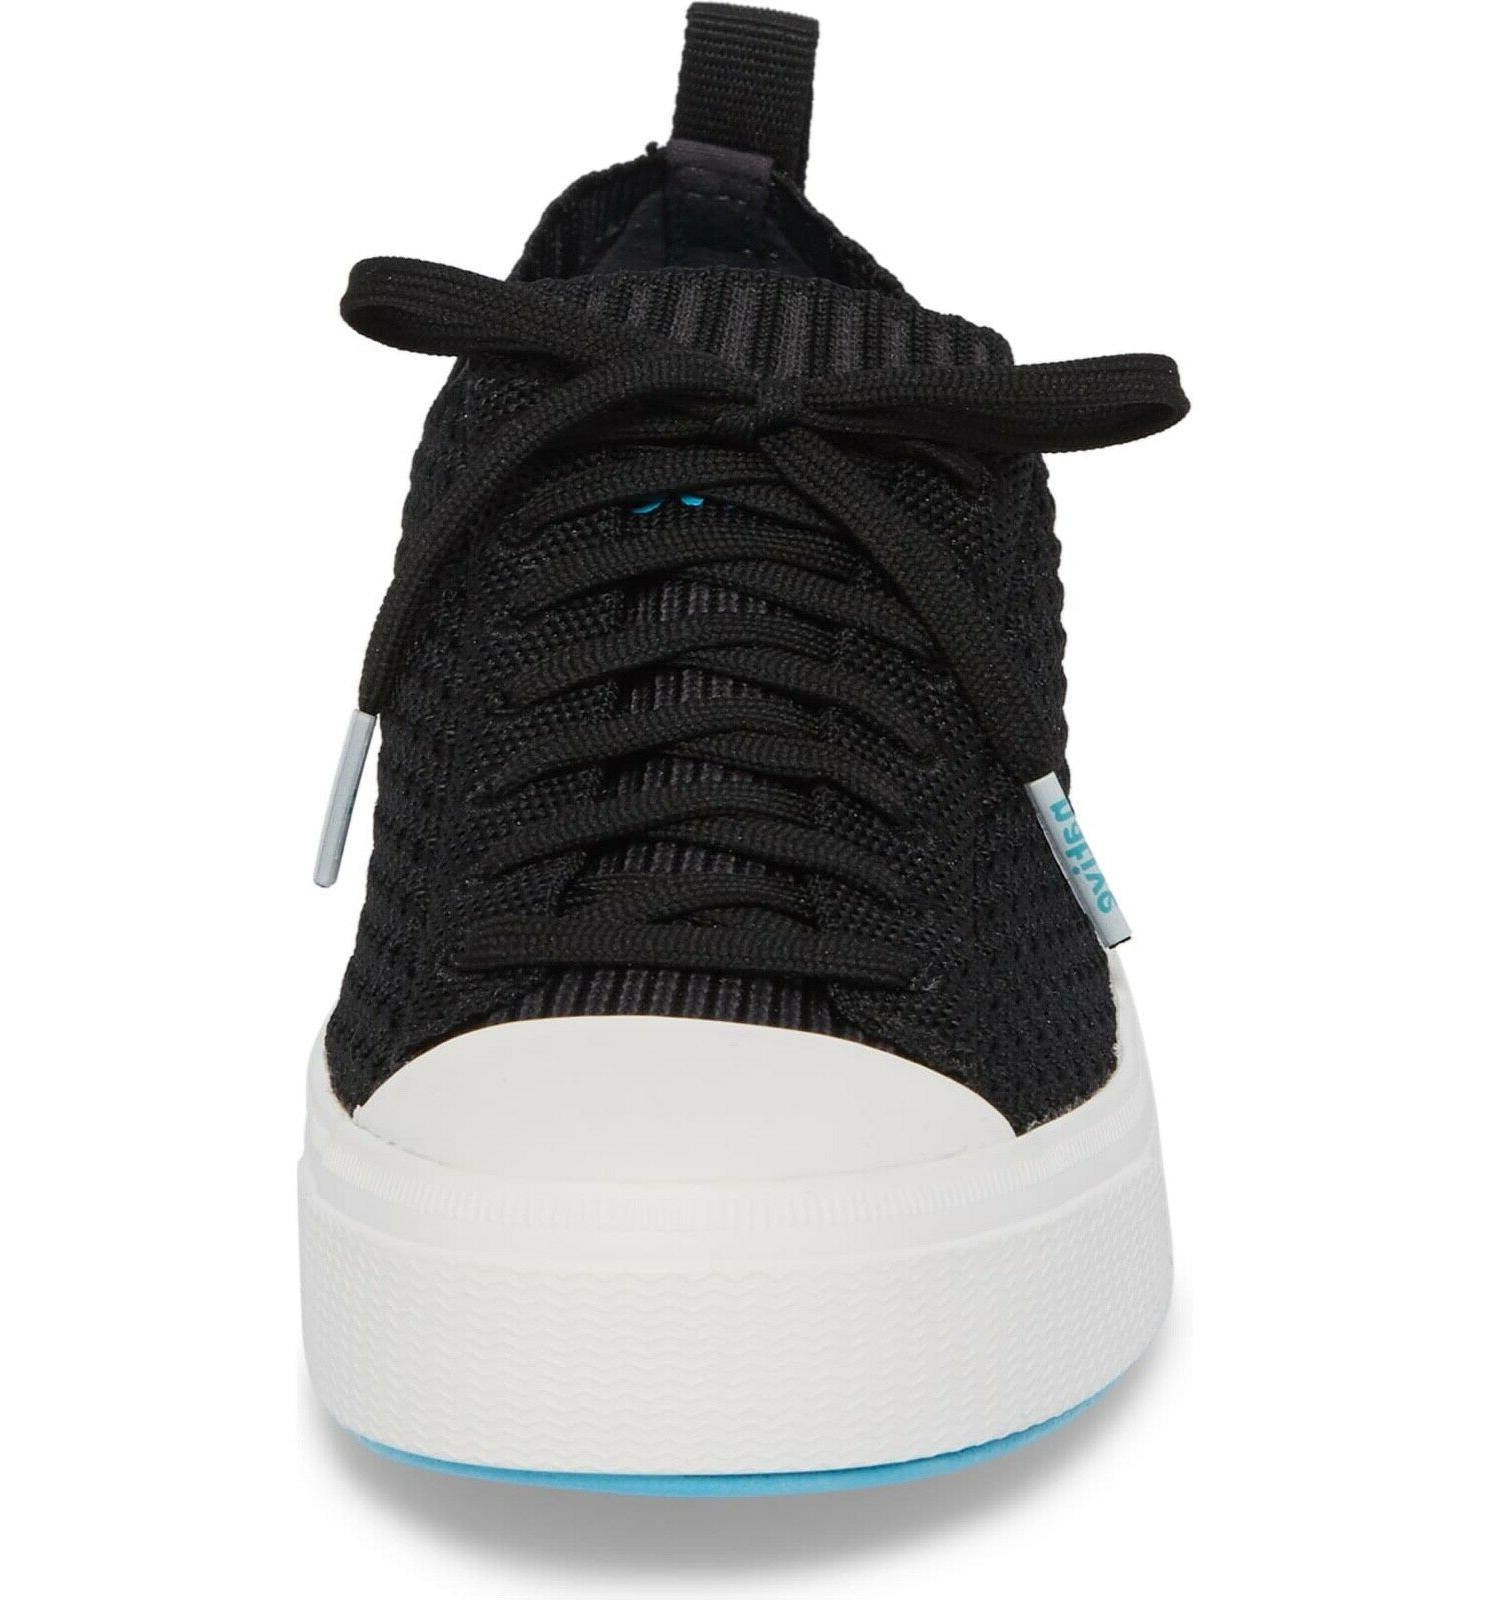 NATIVE Men's Shoes 9